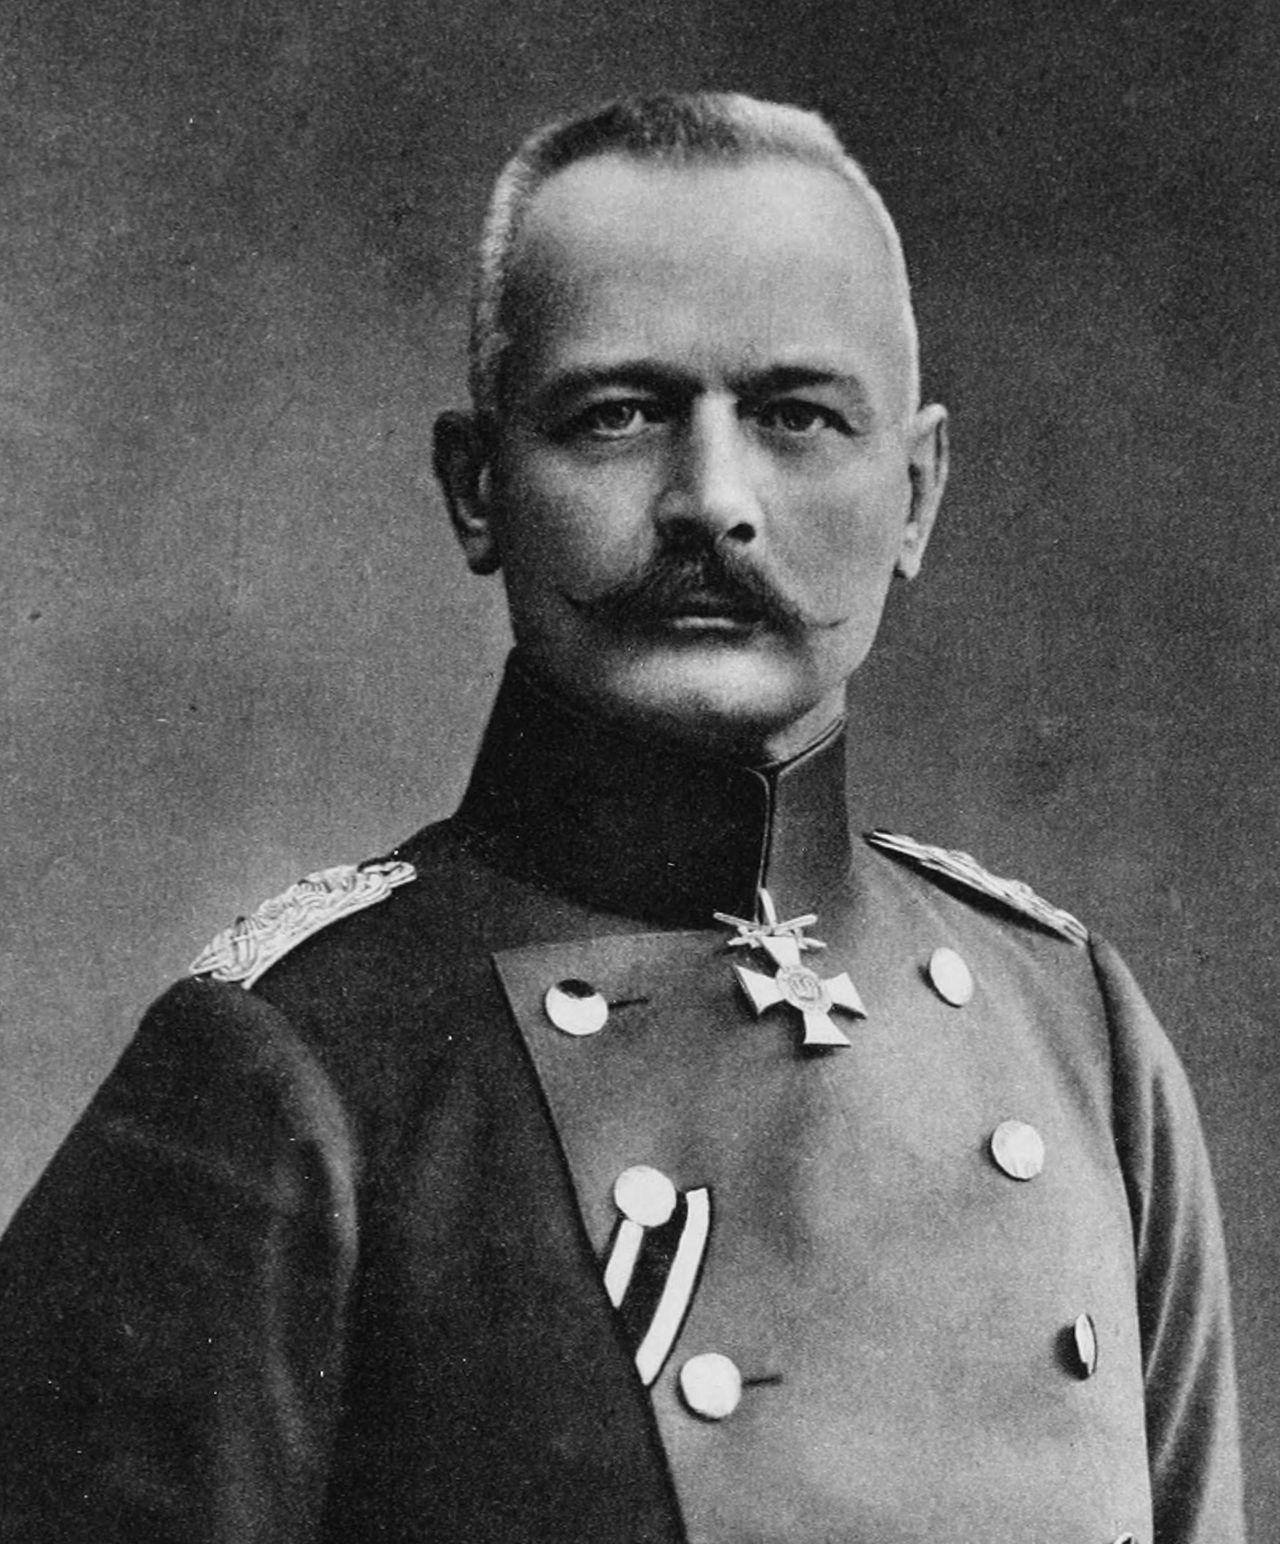 General Erich von Falkenhayn, Chief of the German General Staff from September 1914 until 29 August 1916. (Albert Meyer/Wikimedia)